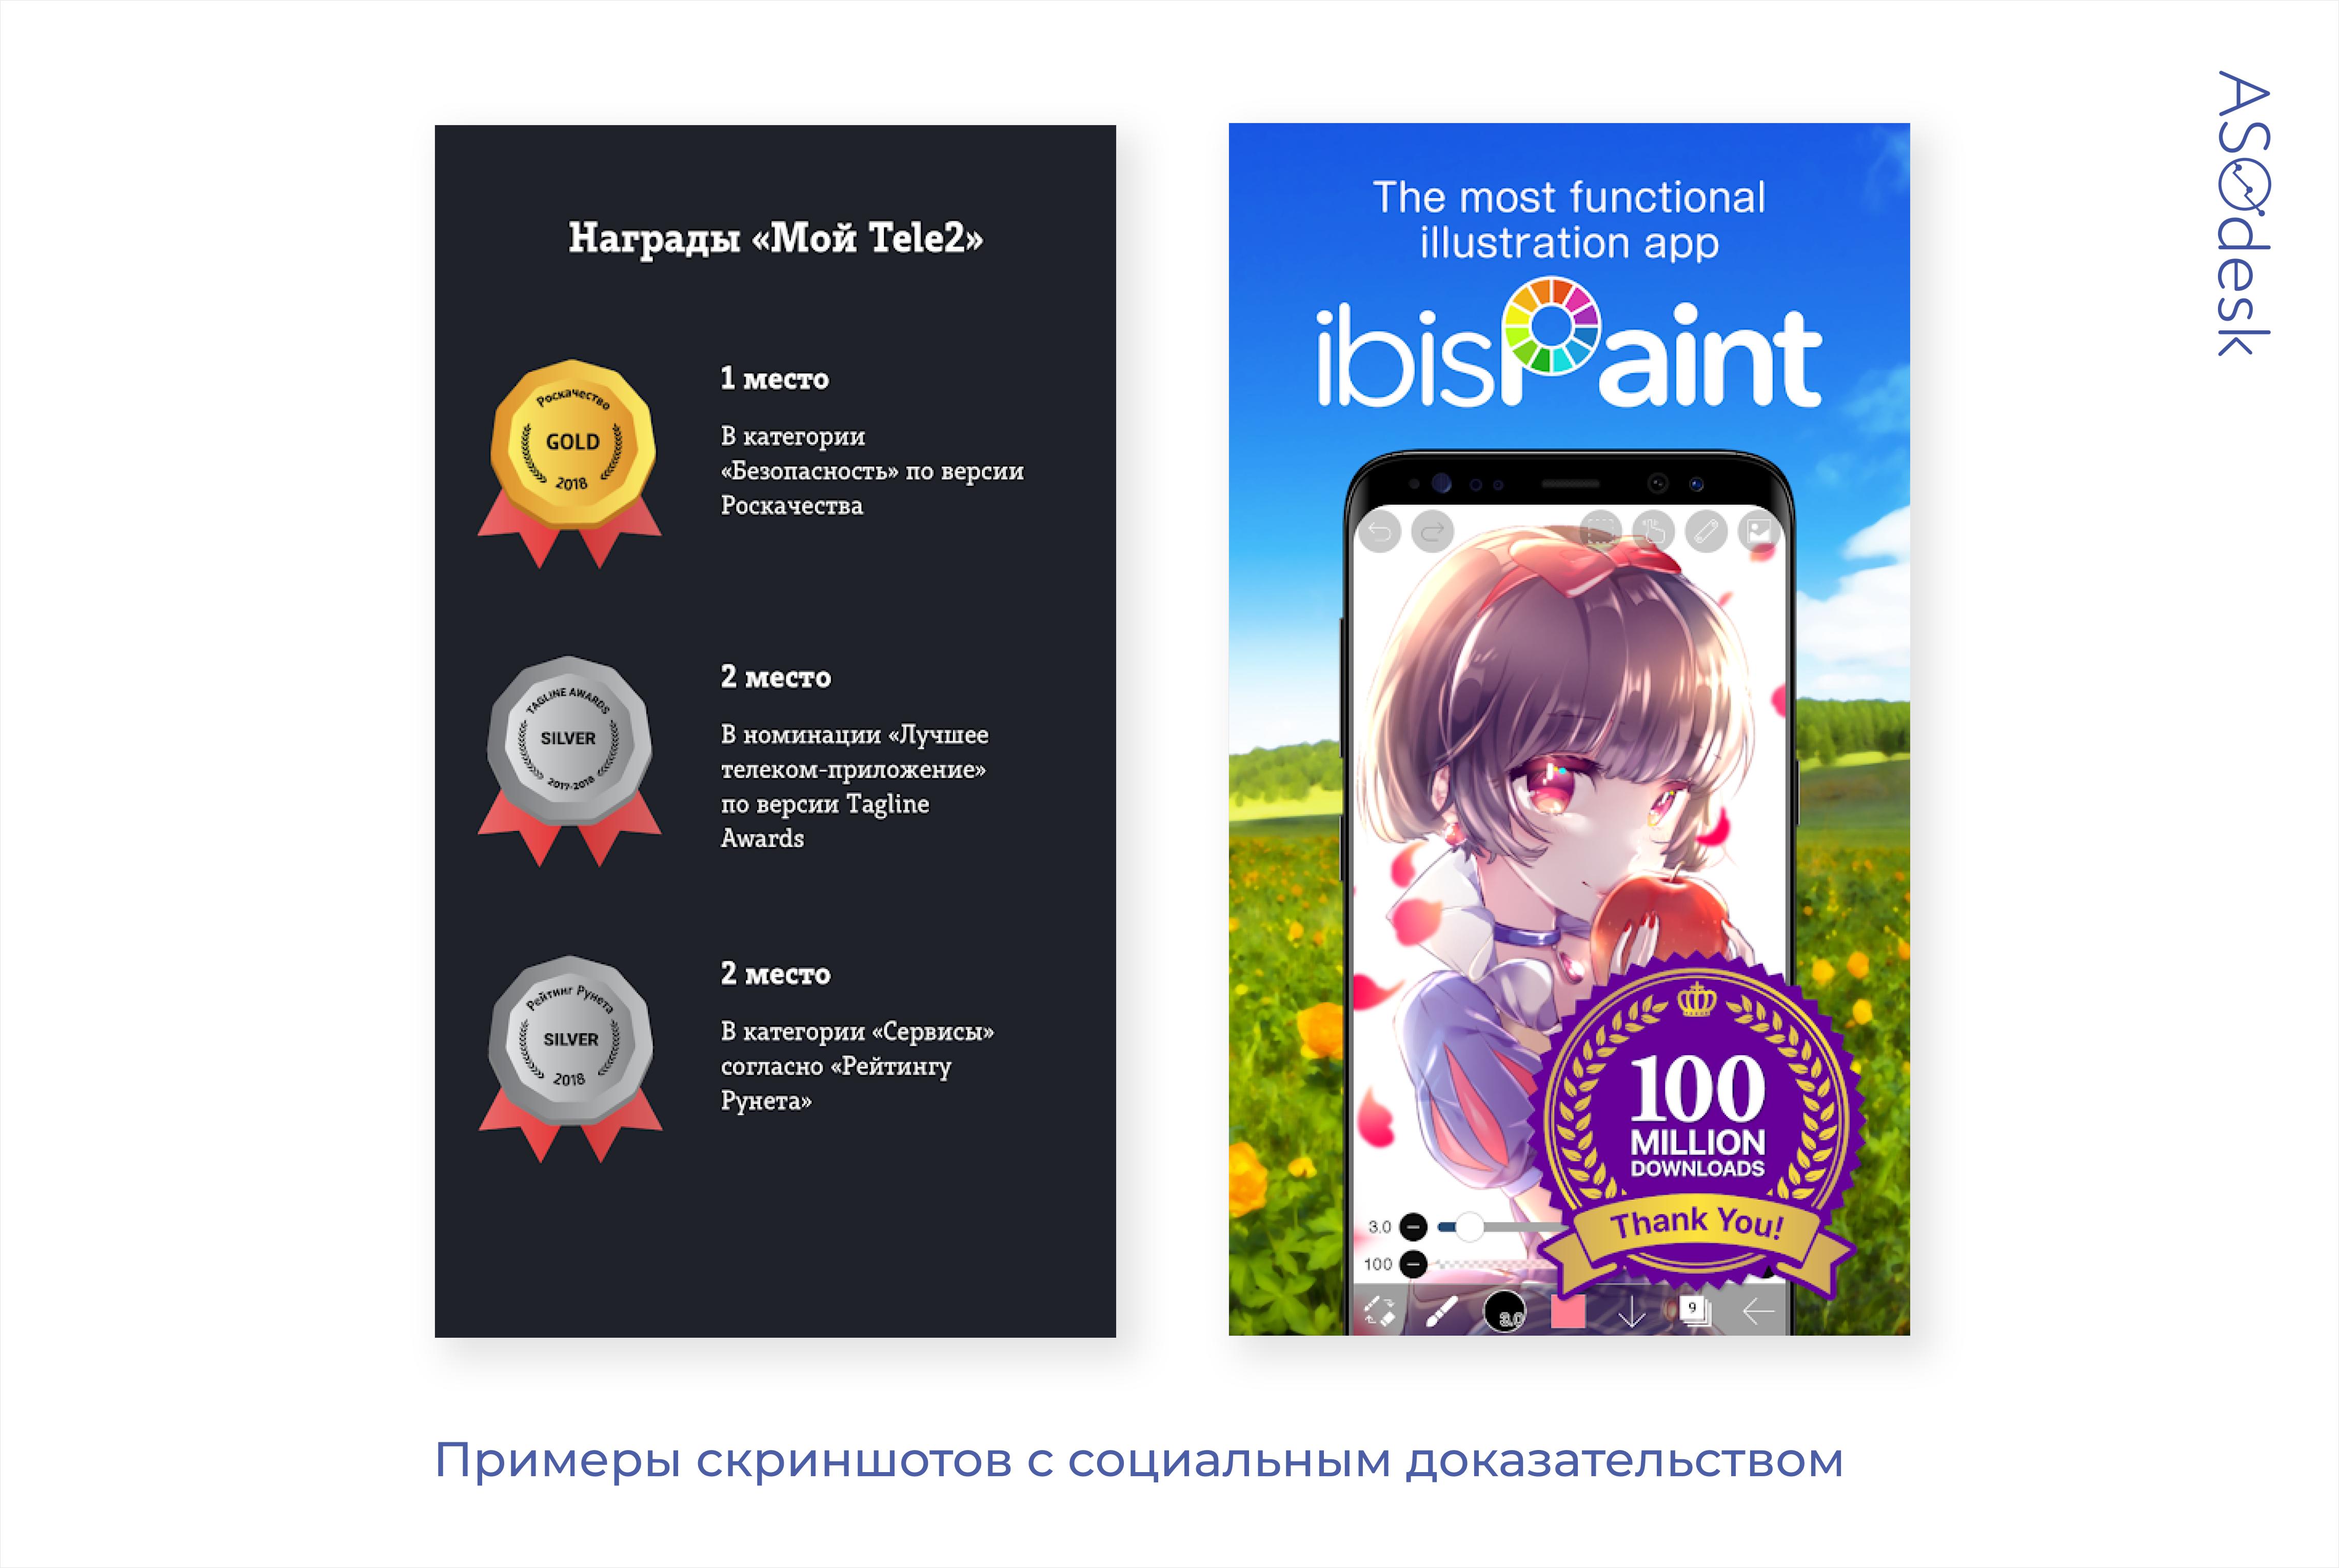 Скриншоты приложений с социальным доказательством: наградами и количеством пользователей